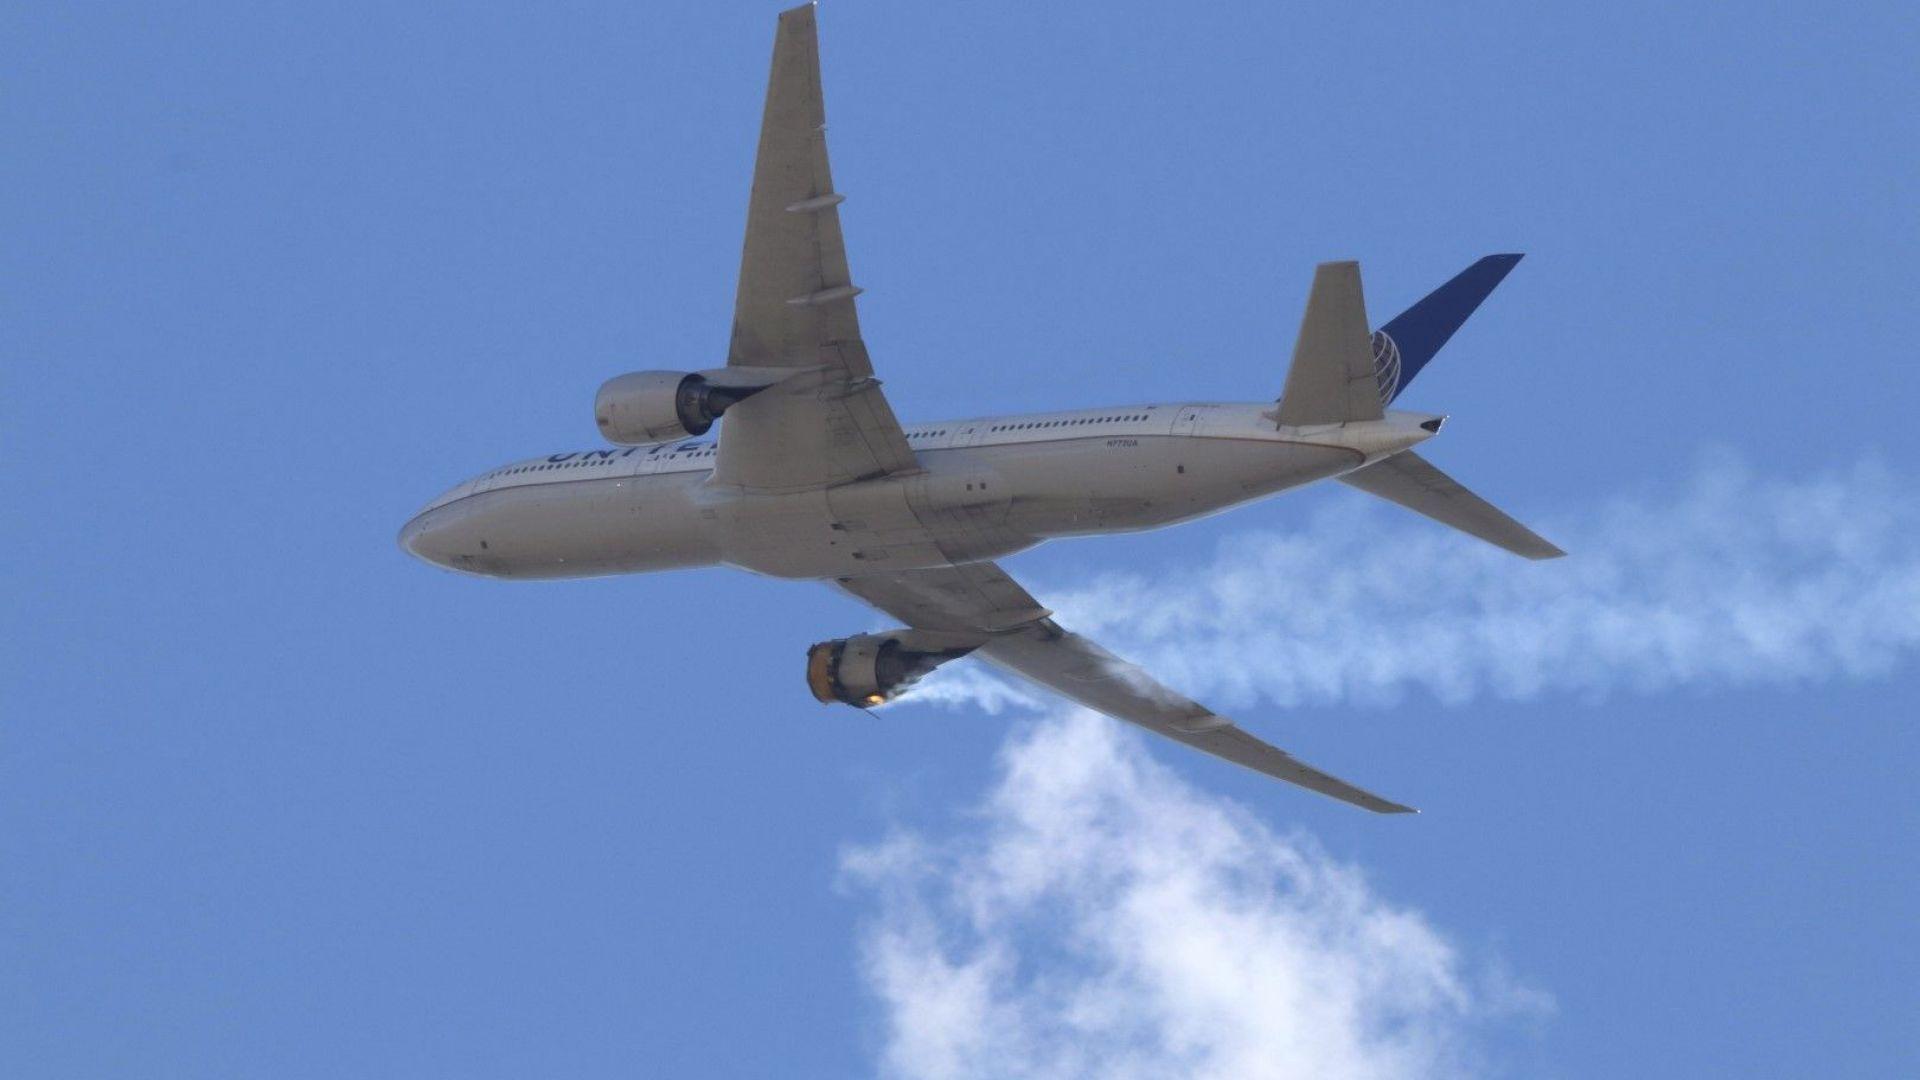 Обединеното кралство затвори въздушното си пространство за някои самолети Боинг 777